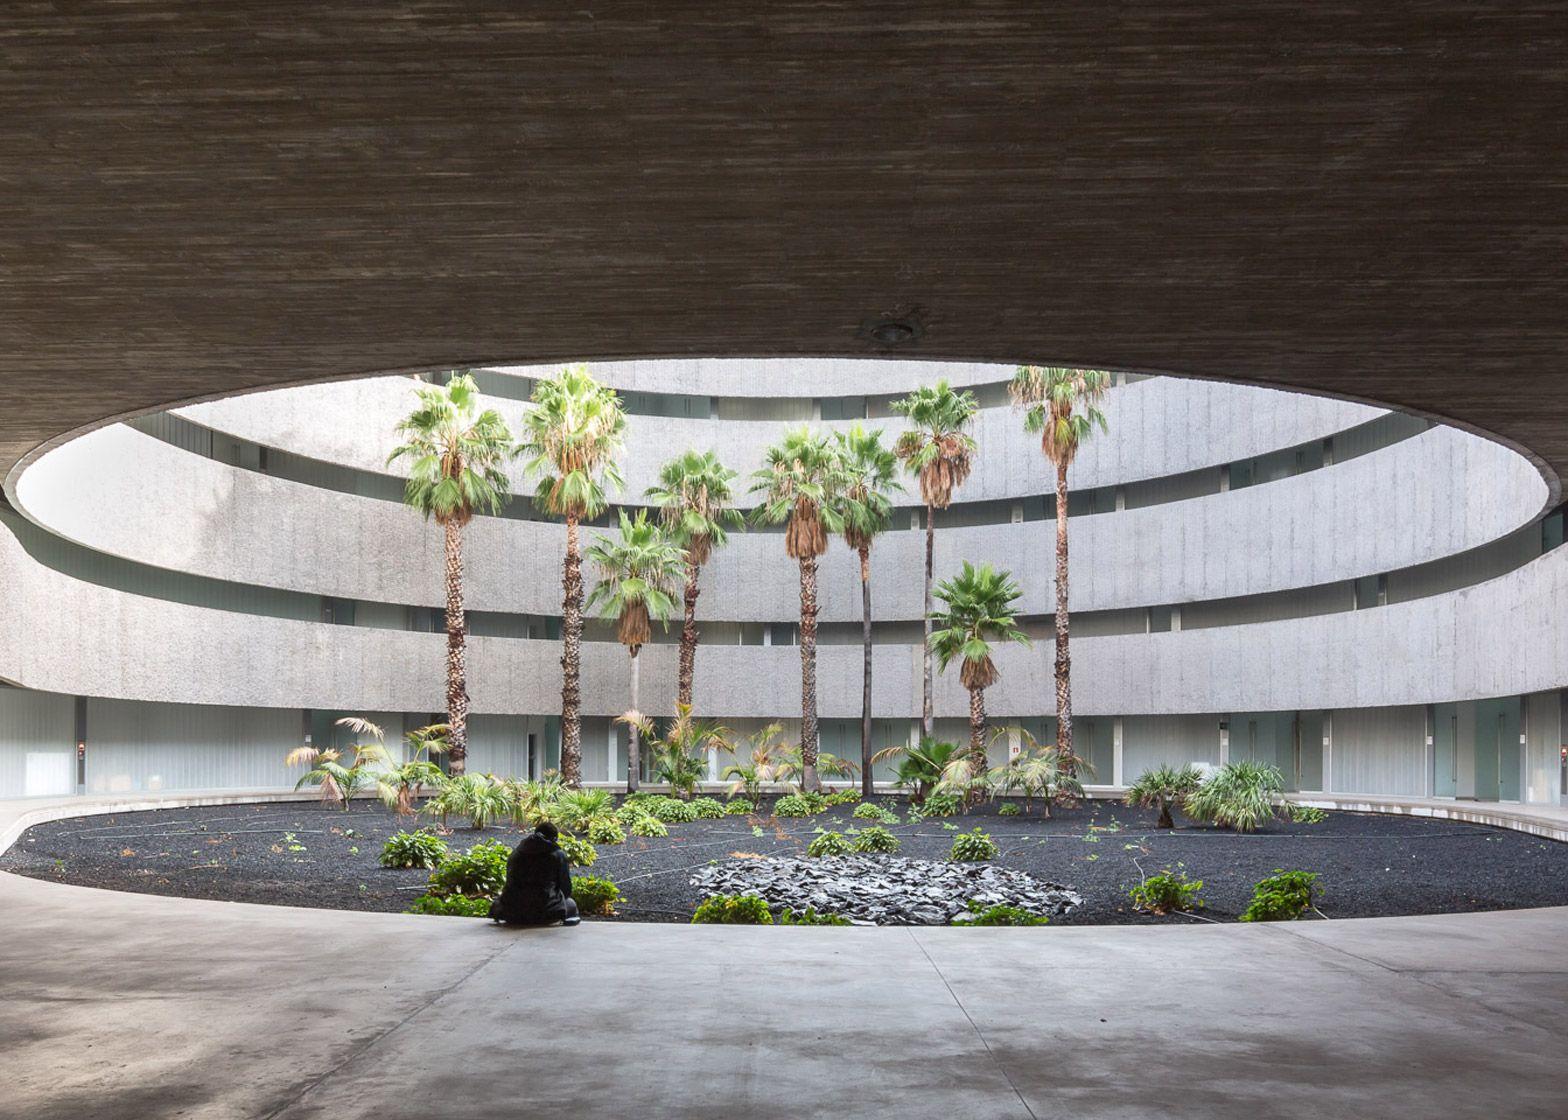 Faculty Of Fine Arts University Of La Laguna By Gpy Arquitectos  # Muebles Fenda Murcia